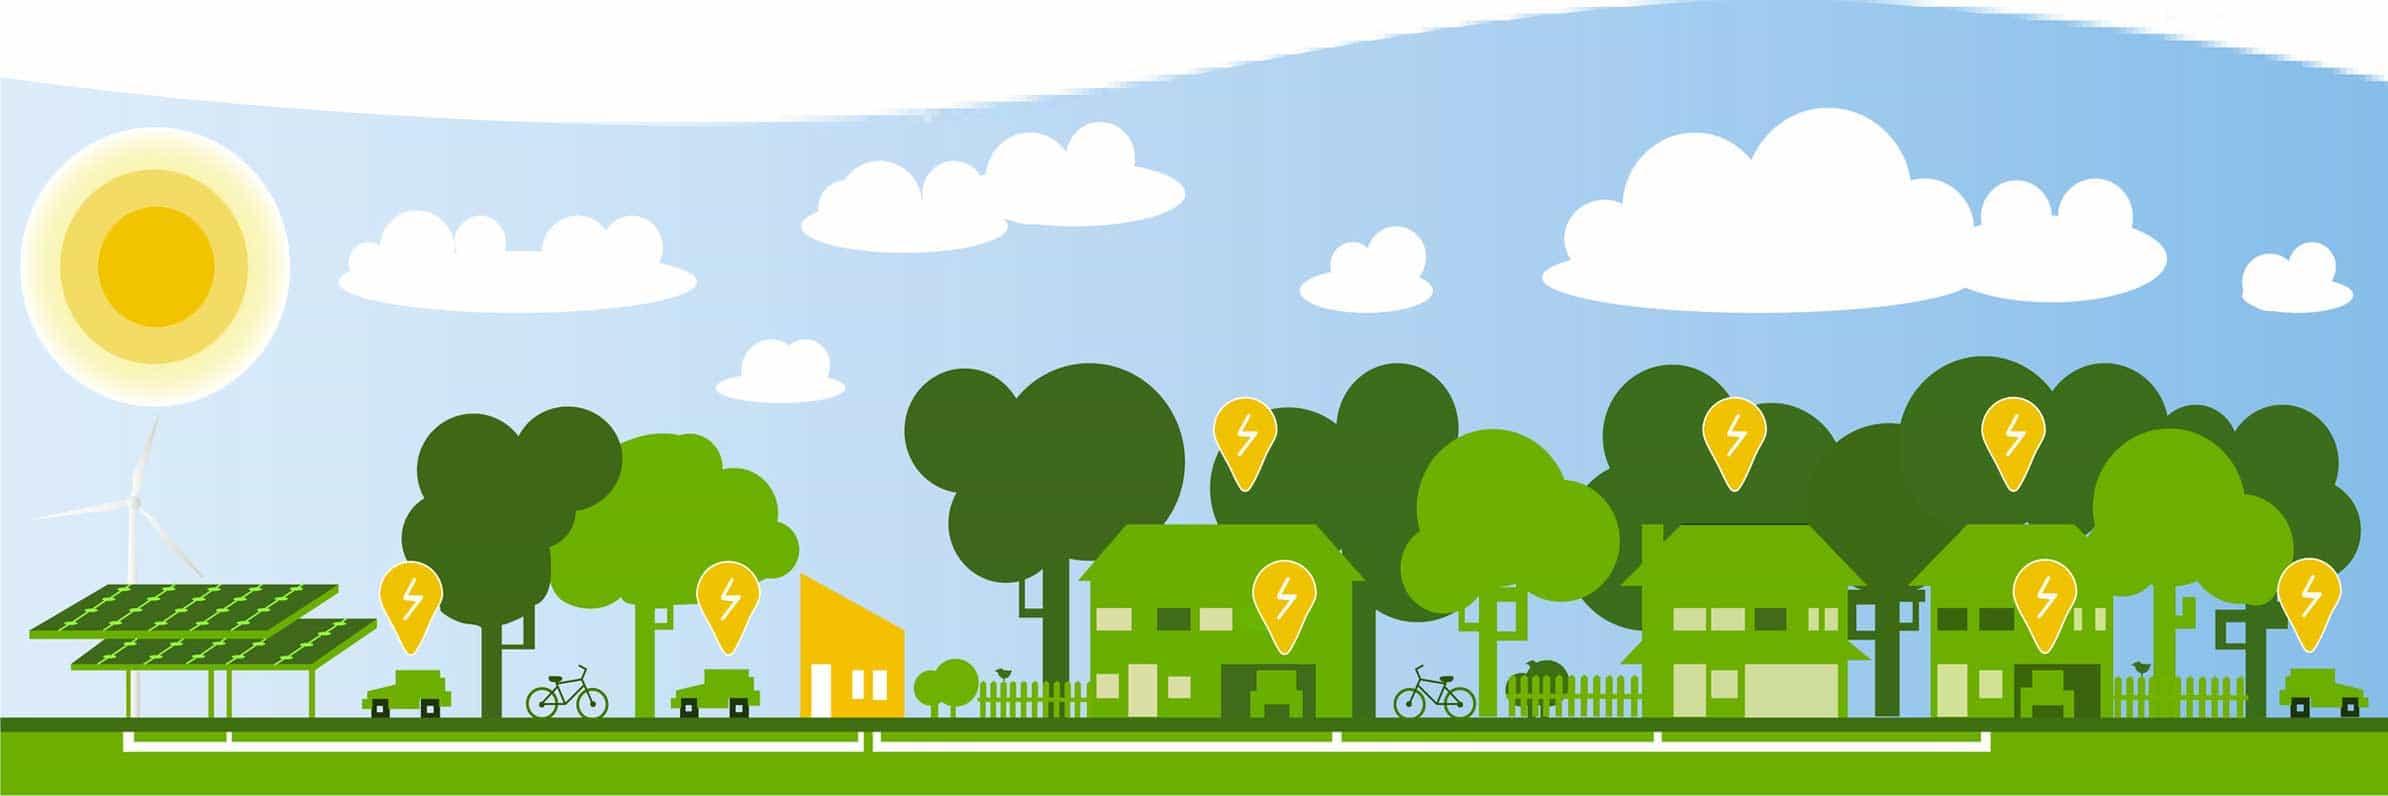 ville-énergies-renouvelables-heliosolaire